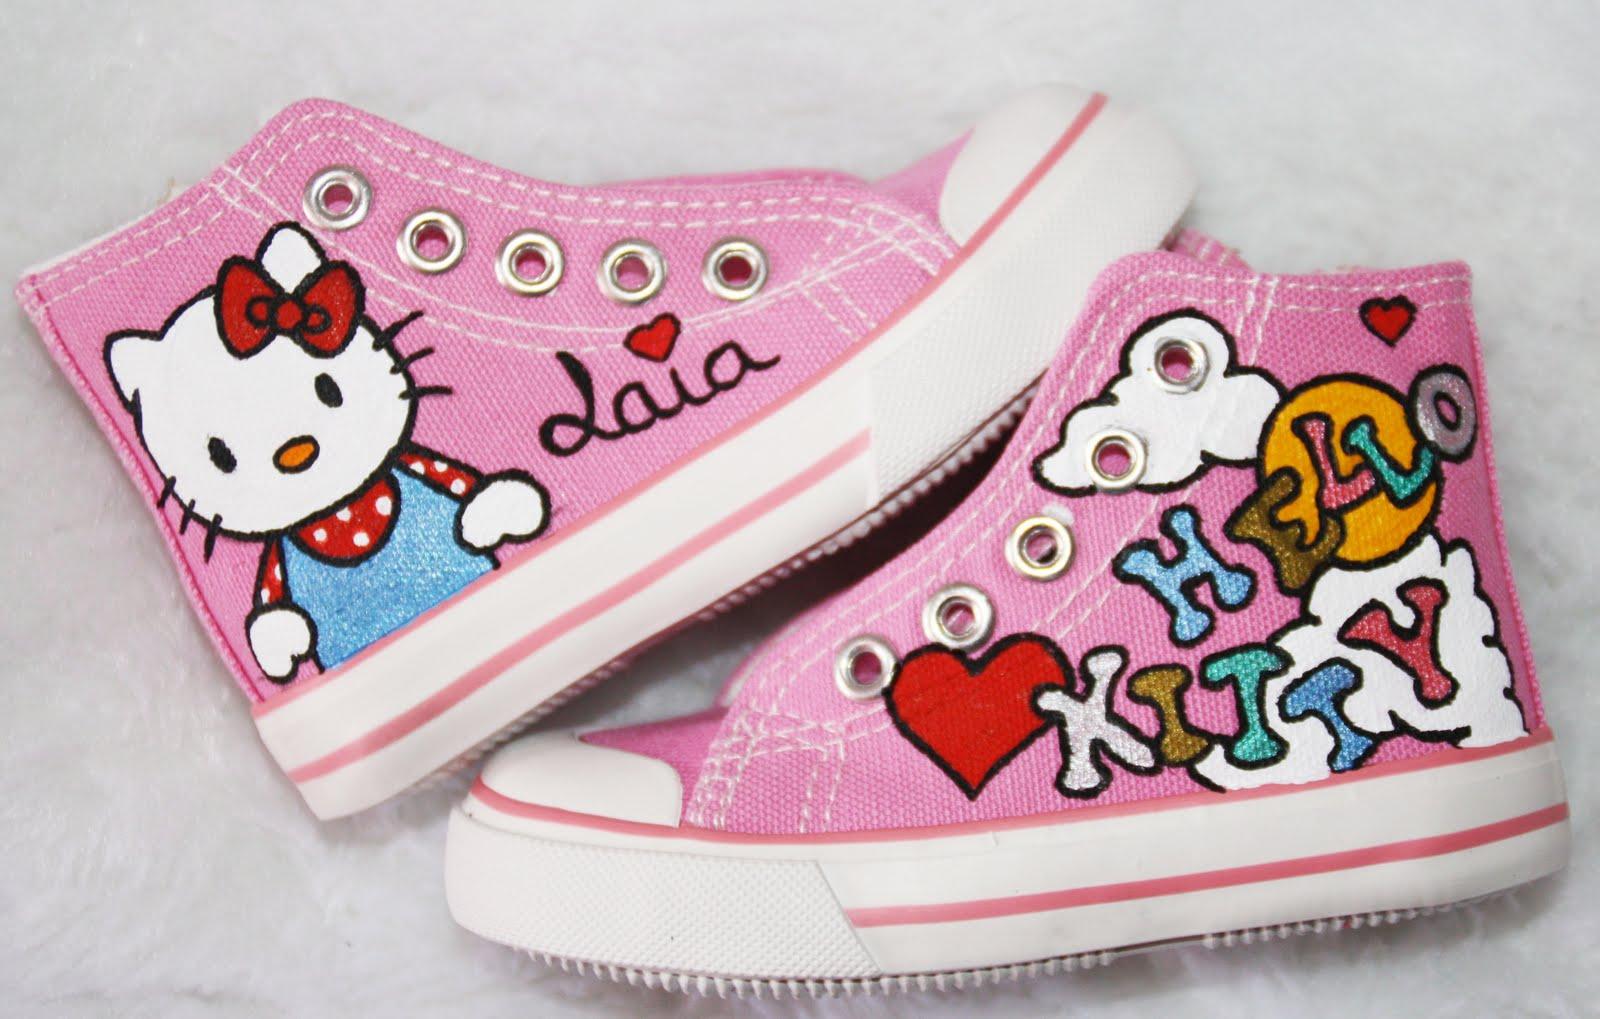 e9ab32f1 Zapatillas Customizadas a mano - Zapatillas pintadas - Zapatillas ...